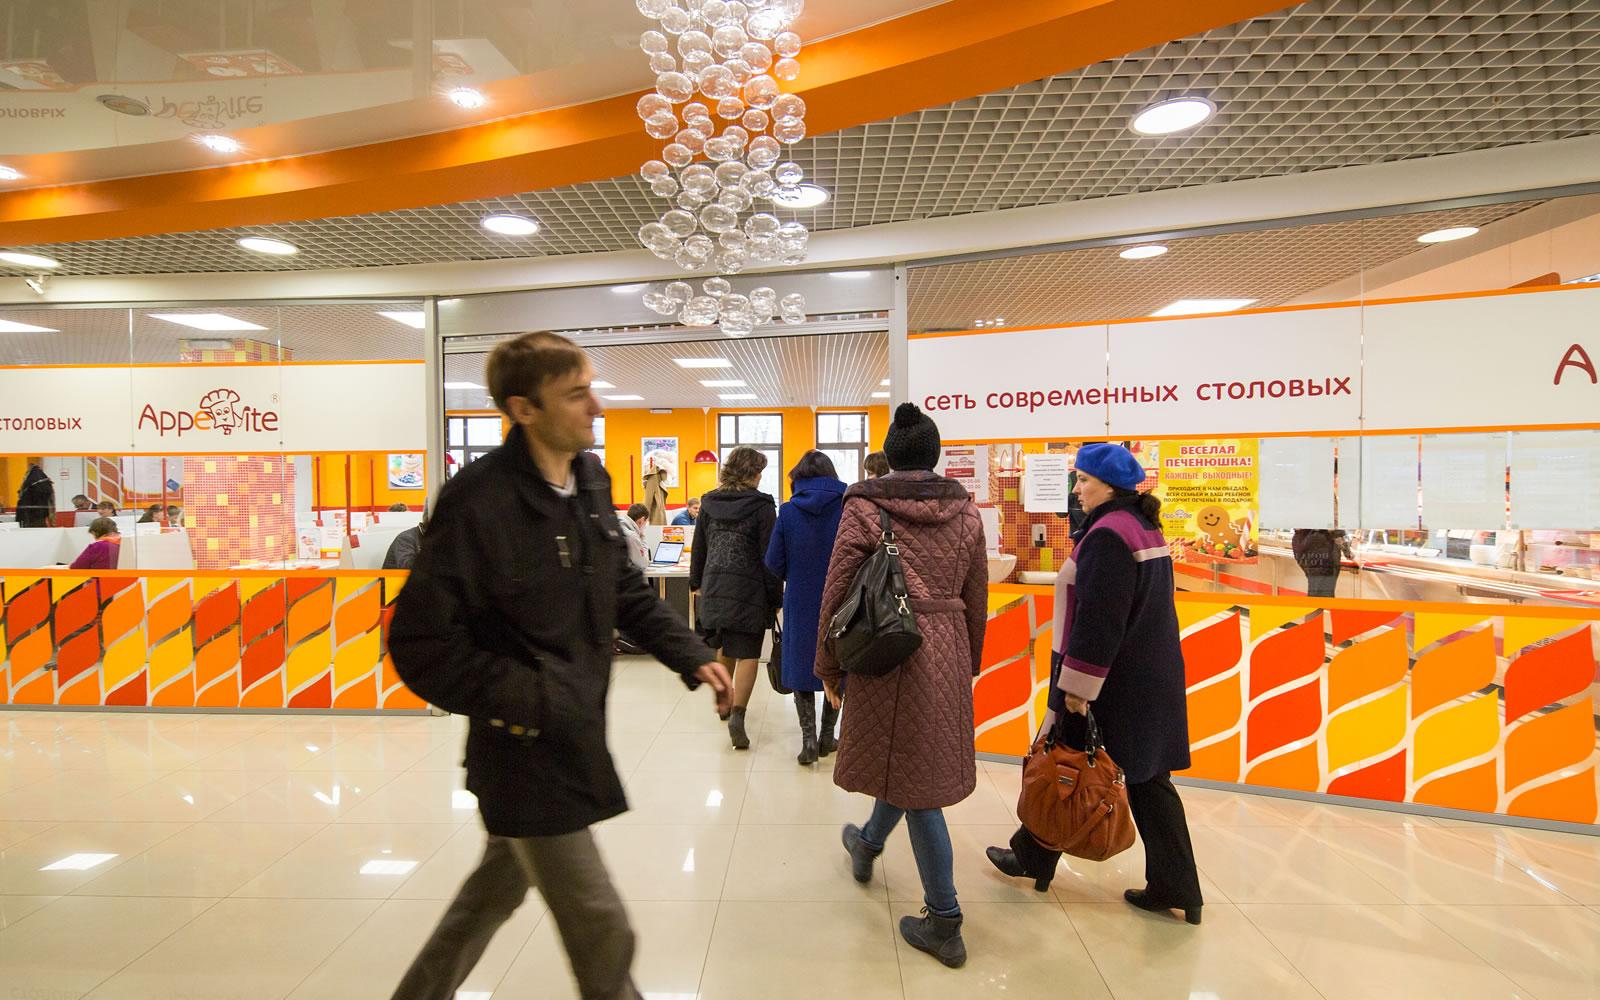 Торговый центр «Цветной парк», 2 этаж